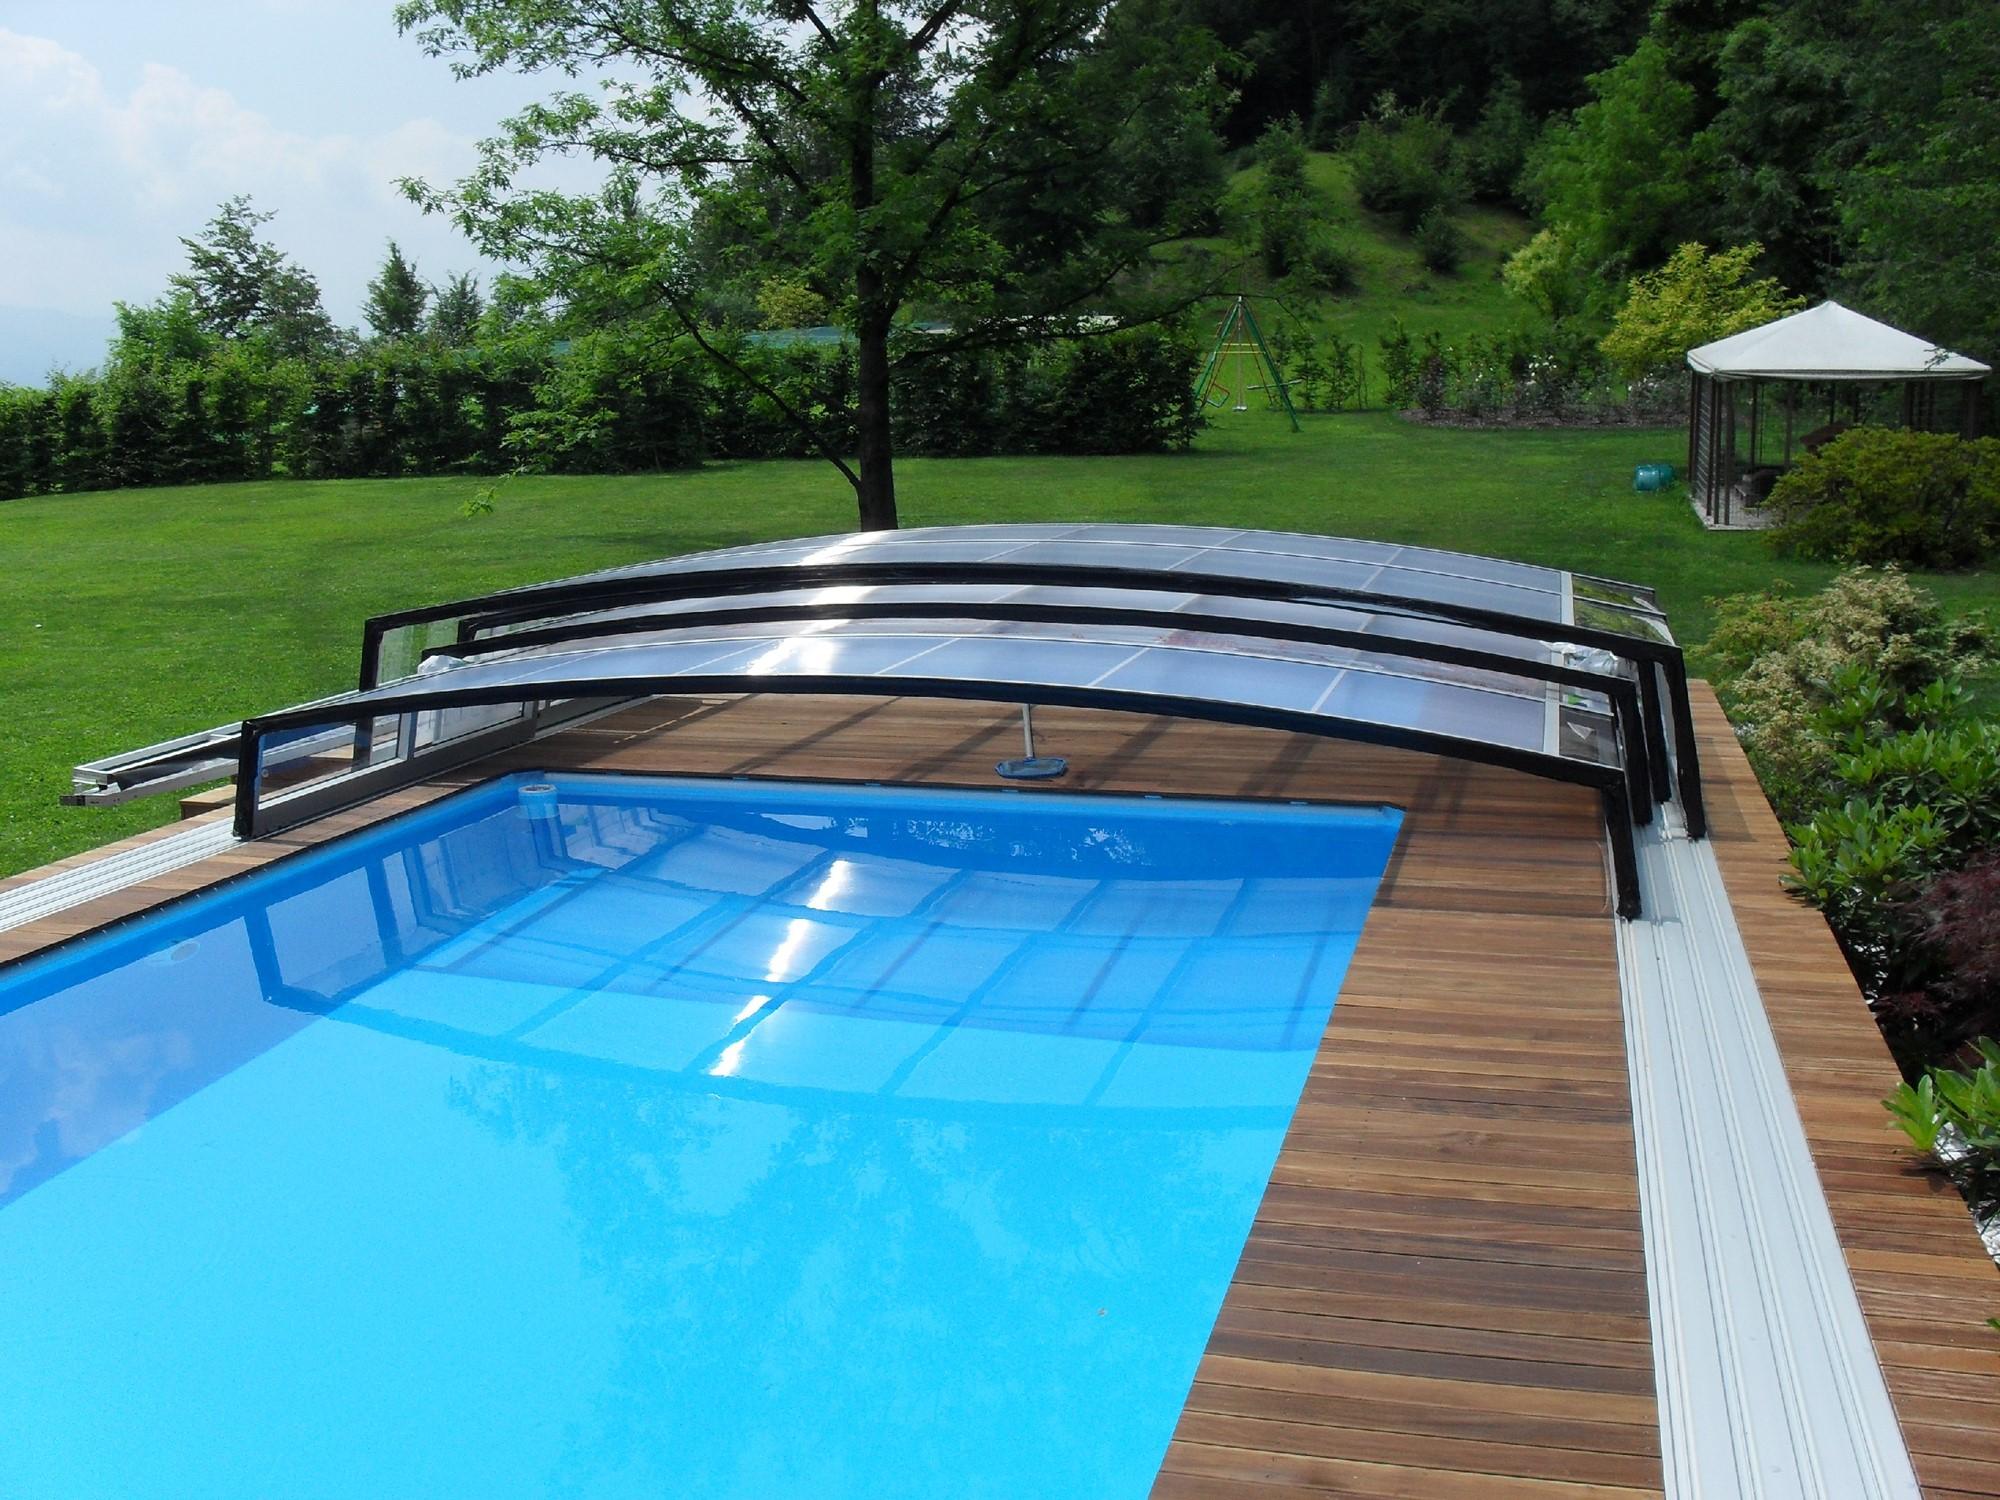 Rivestimento piscina fuori terra xk26 regardsdefemmes - Piscine fuori terra rivestite ...